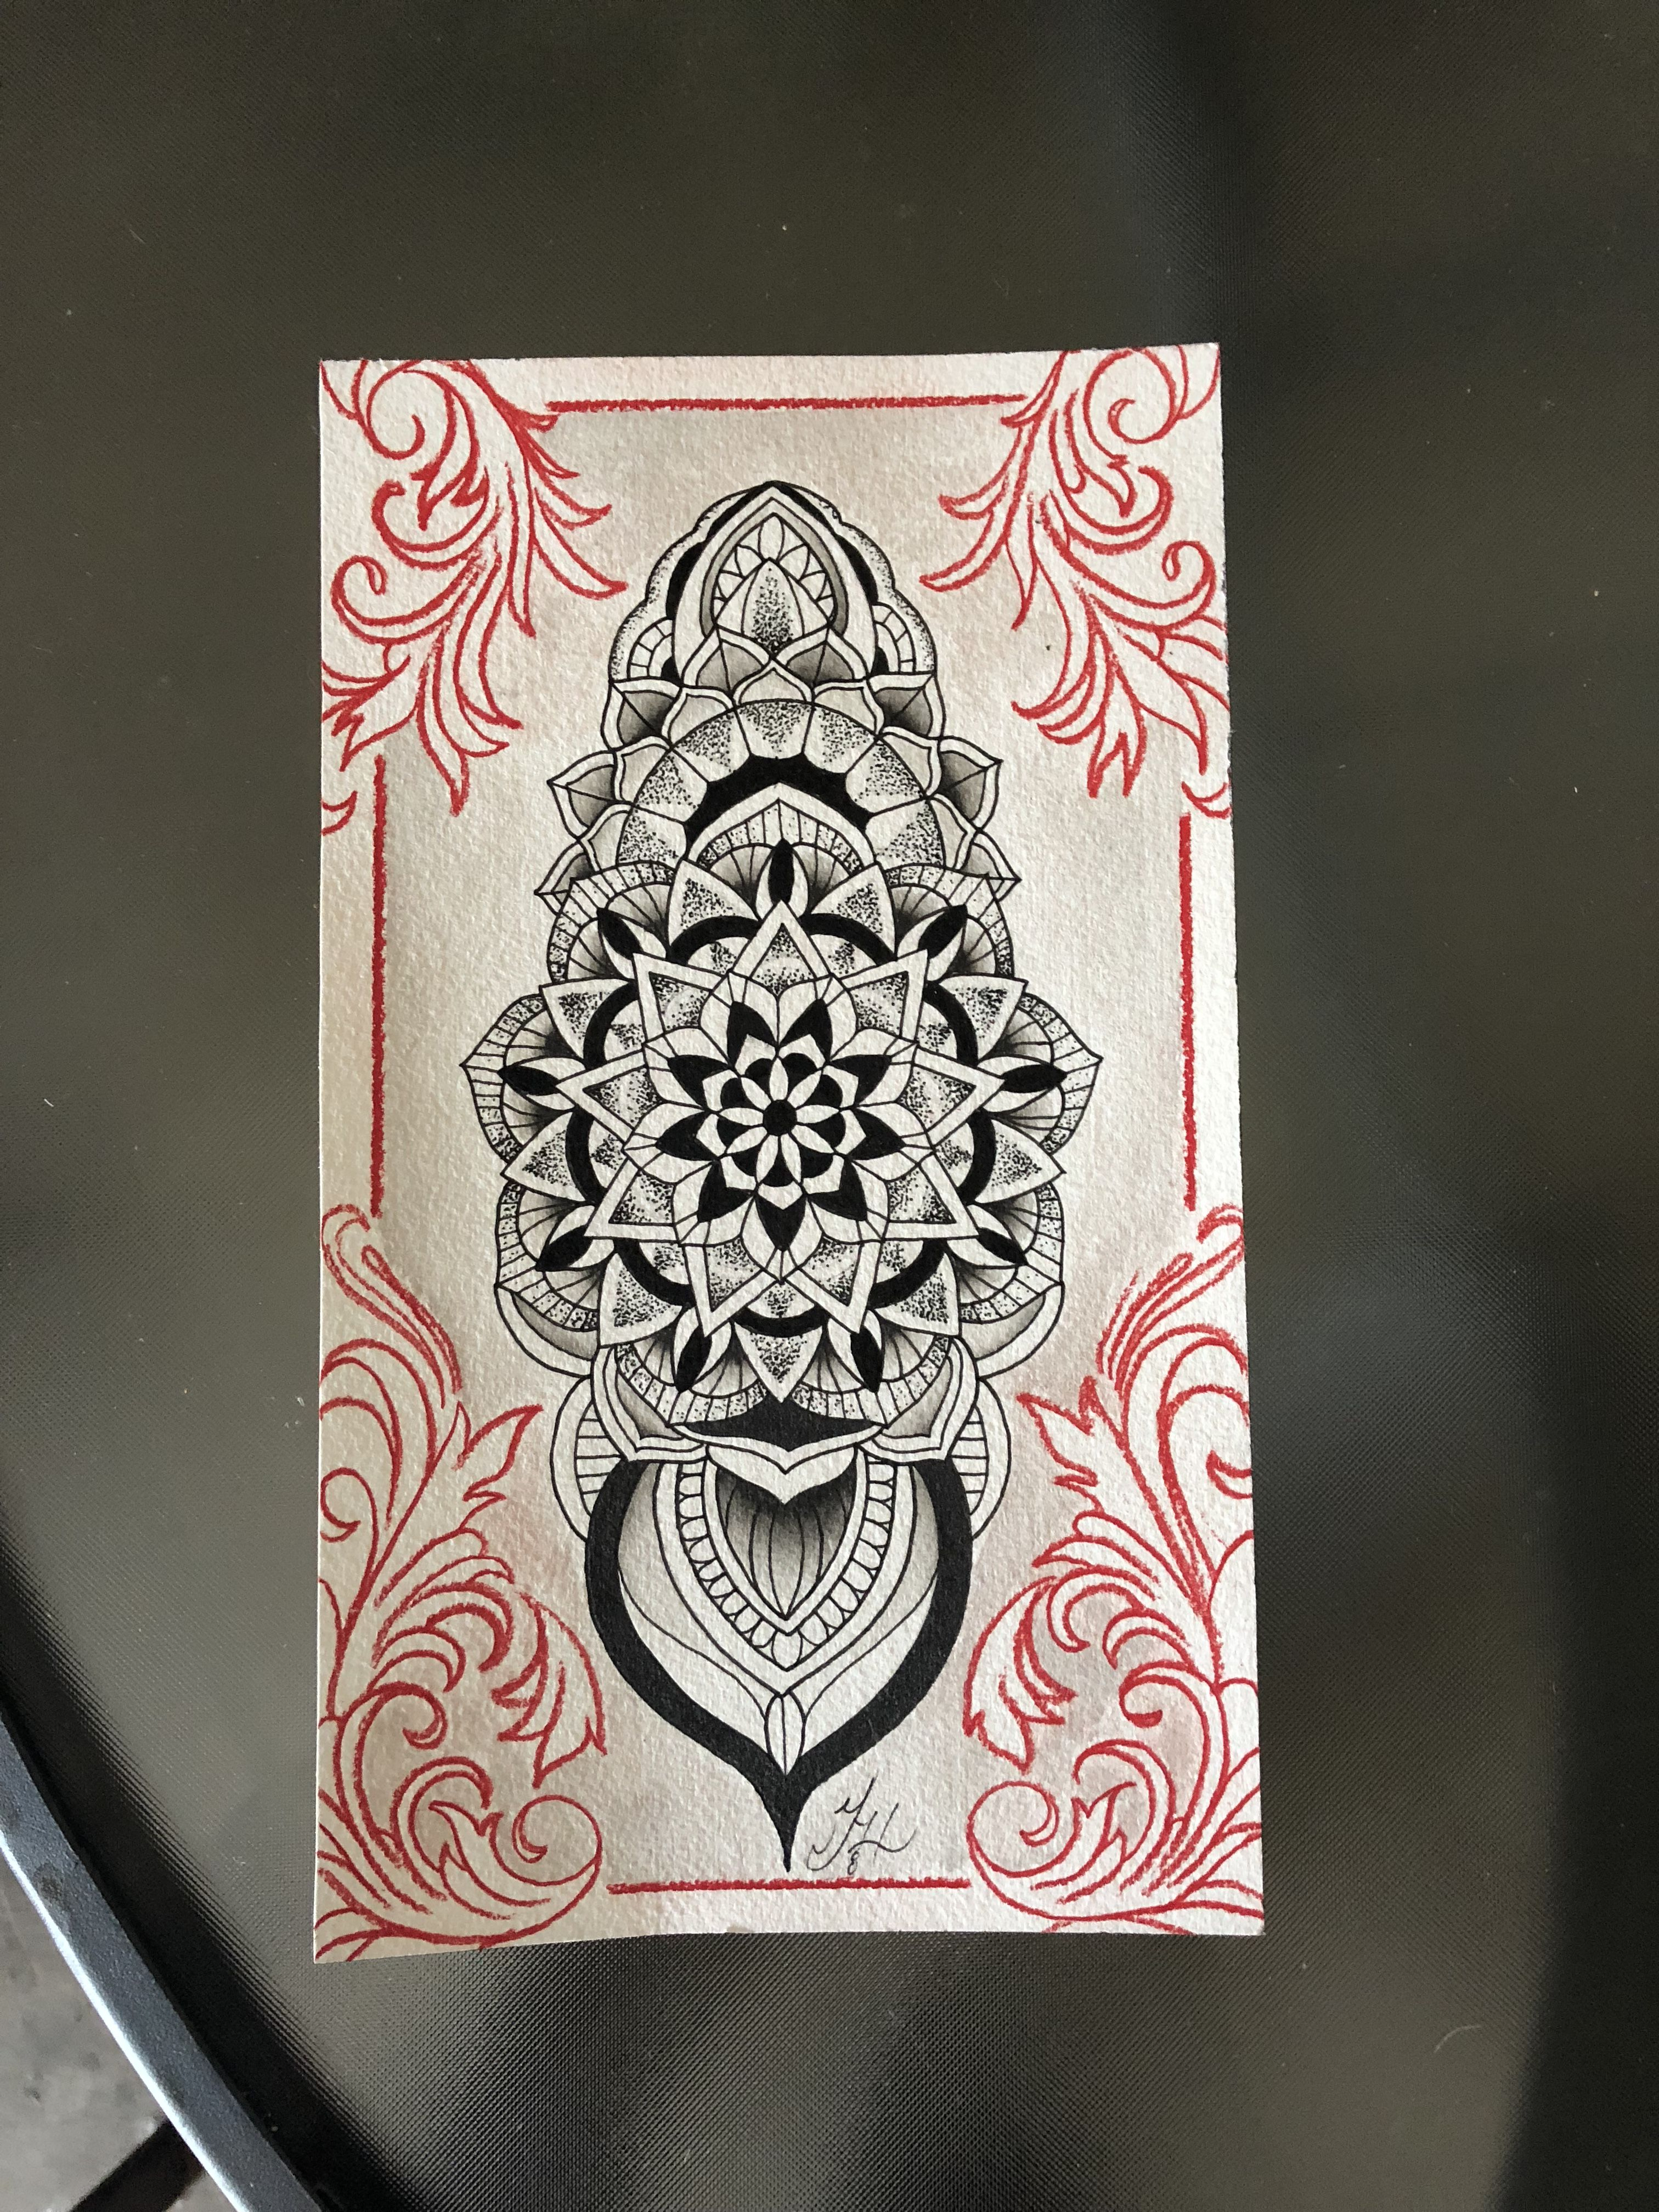 14fad6ab1fbf0d Mandala art by Jordan Hunt